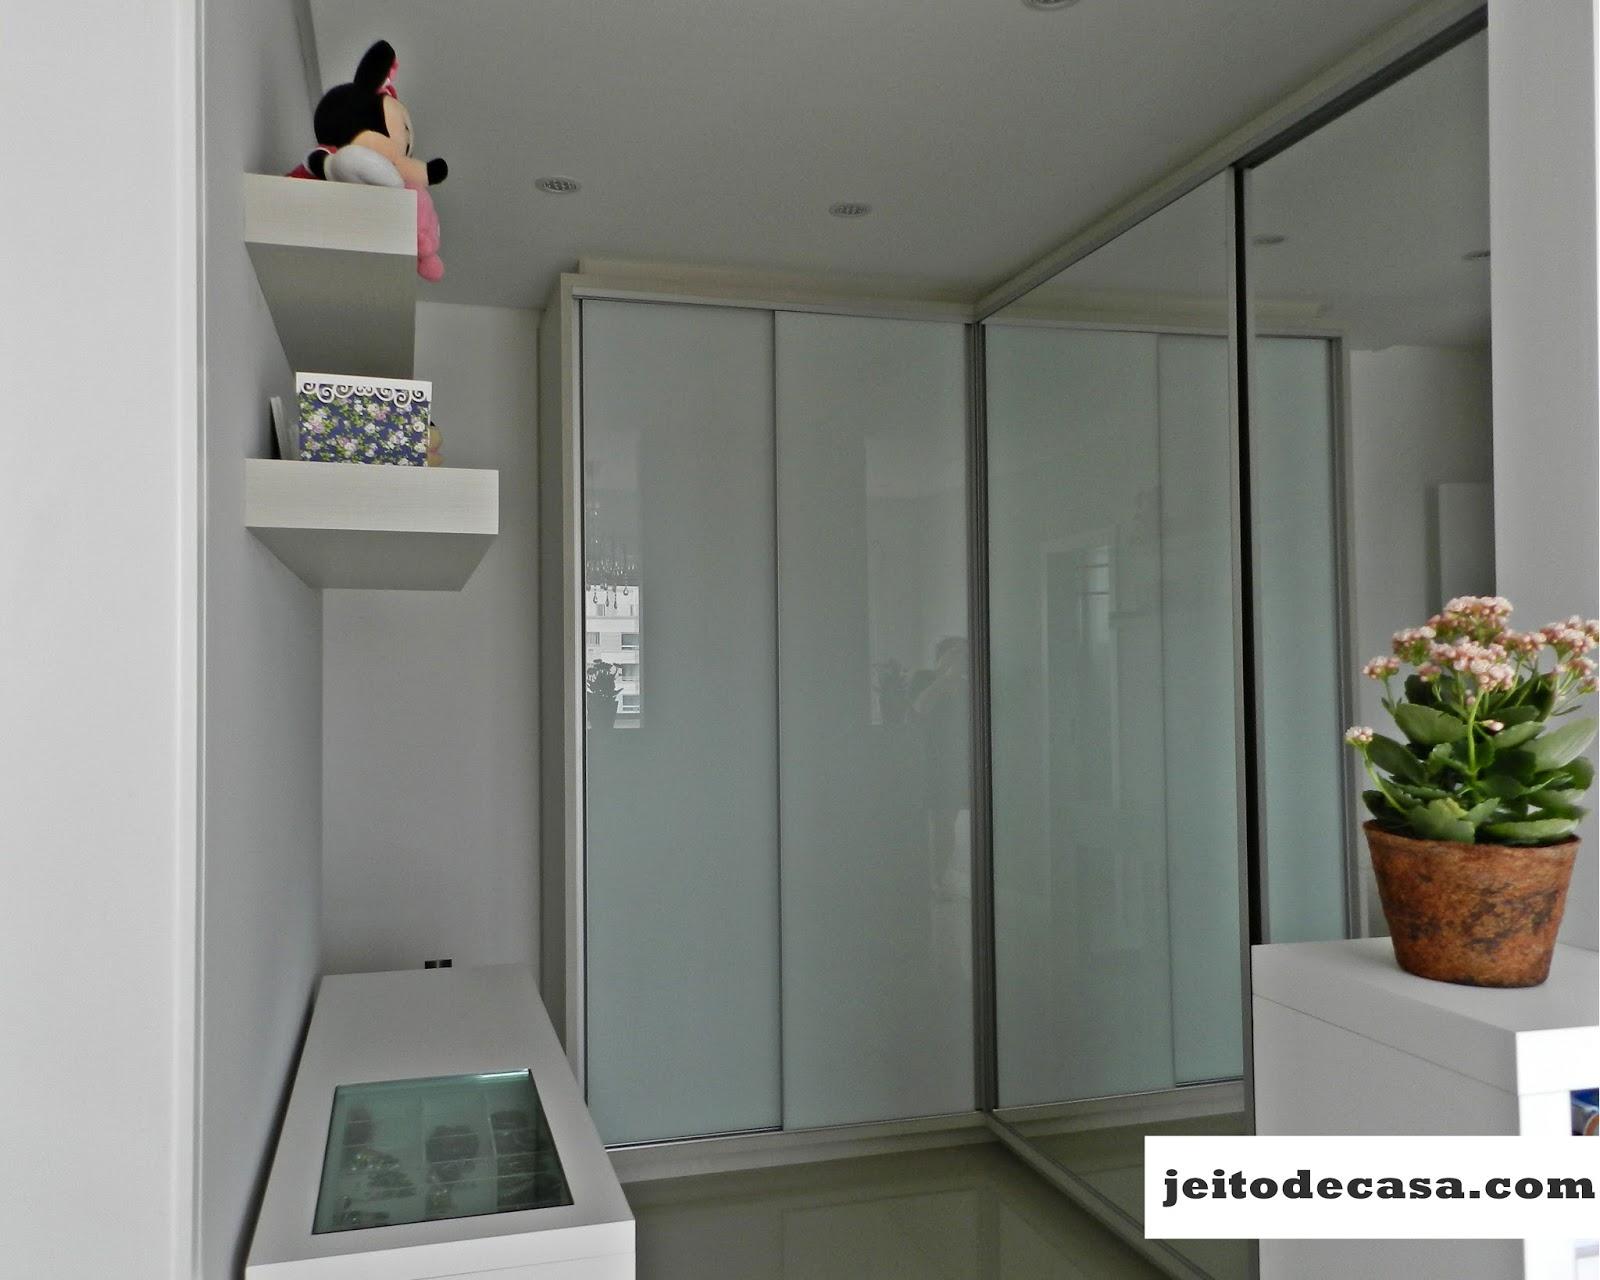 Armário com duas portas de correr espelhadas e uma terceiraporta em  #6B4128 1600x1280 Armario Banheiro Usado